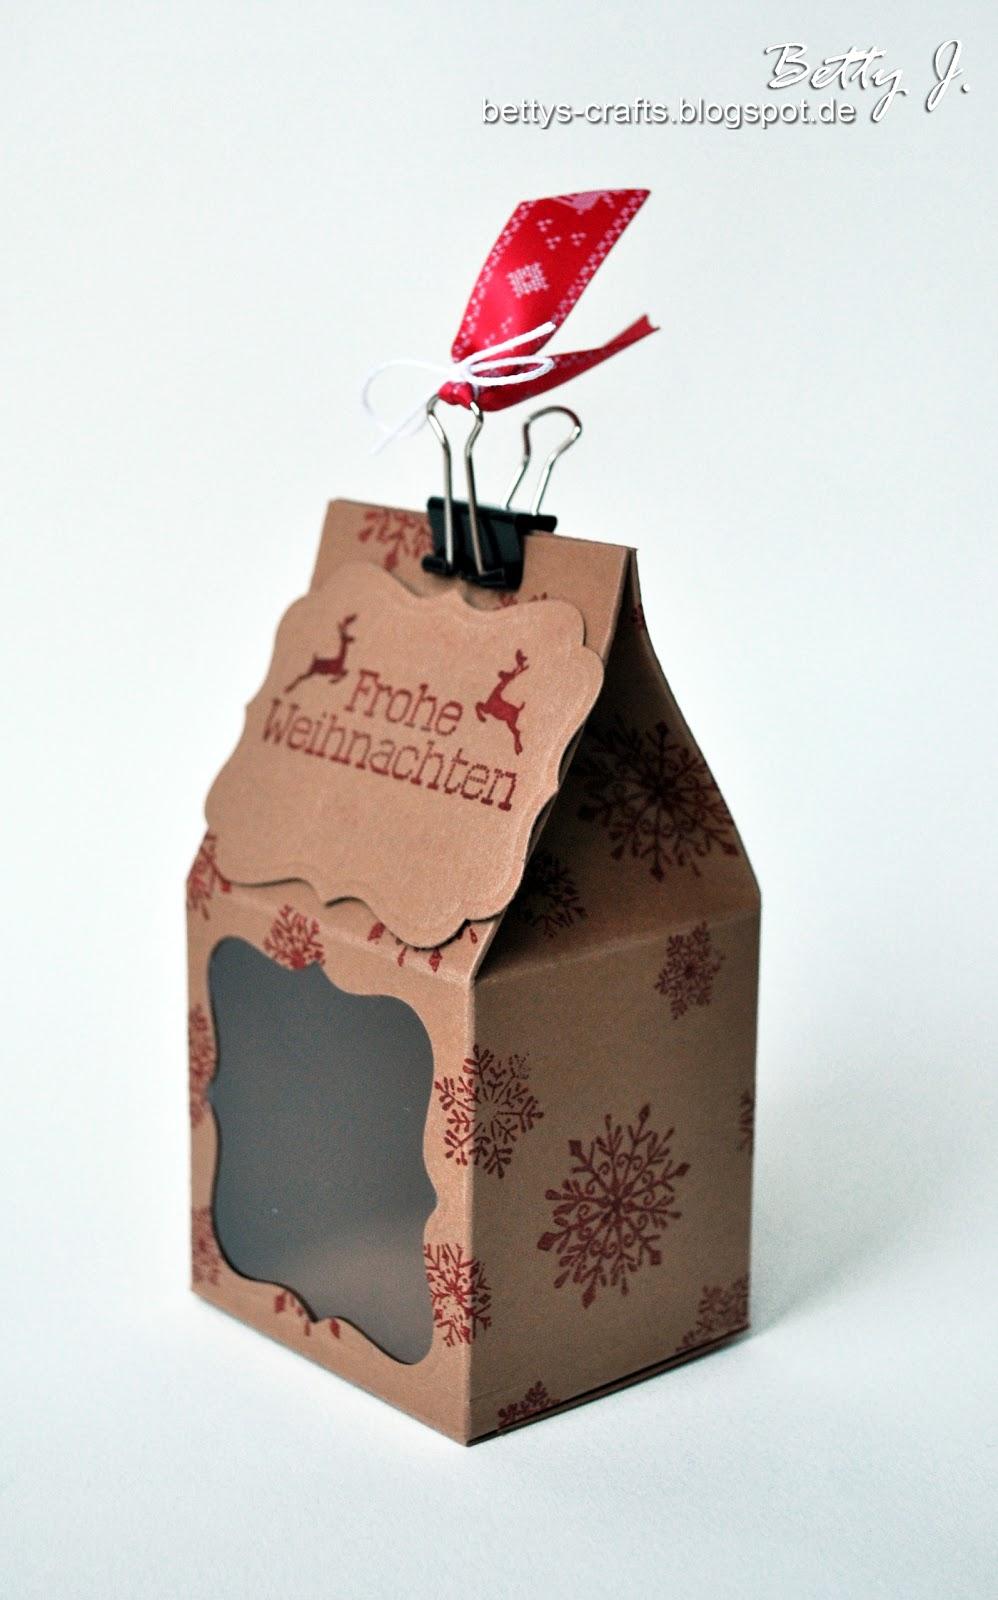 bettys crafts frohe weihnachten verpackung f r alle m glichen geschenke. Black Bedroom Furniture Sets. Home Design Ideas